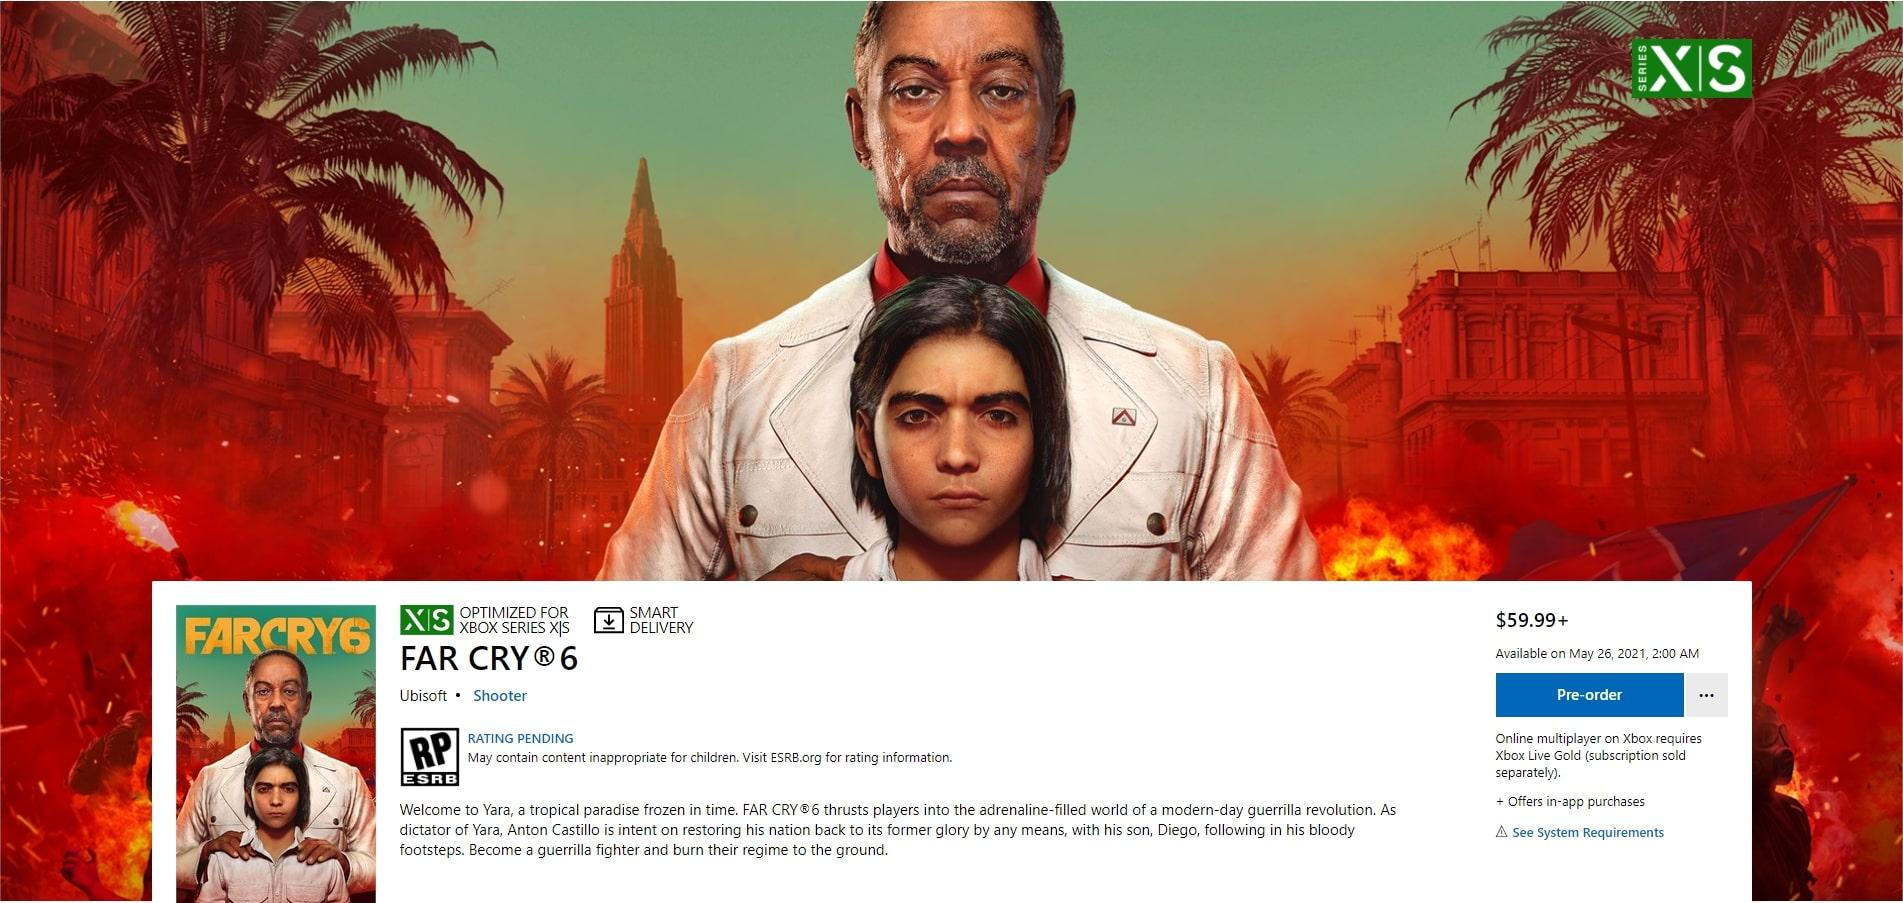 Microsoft omylem uveřejnil datum vydání Far Cry 6 screen farcry